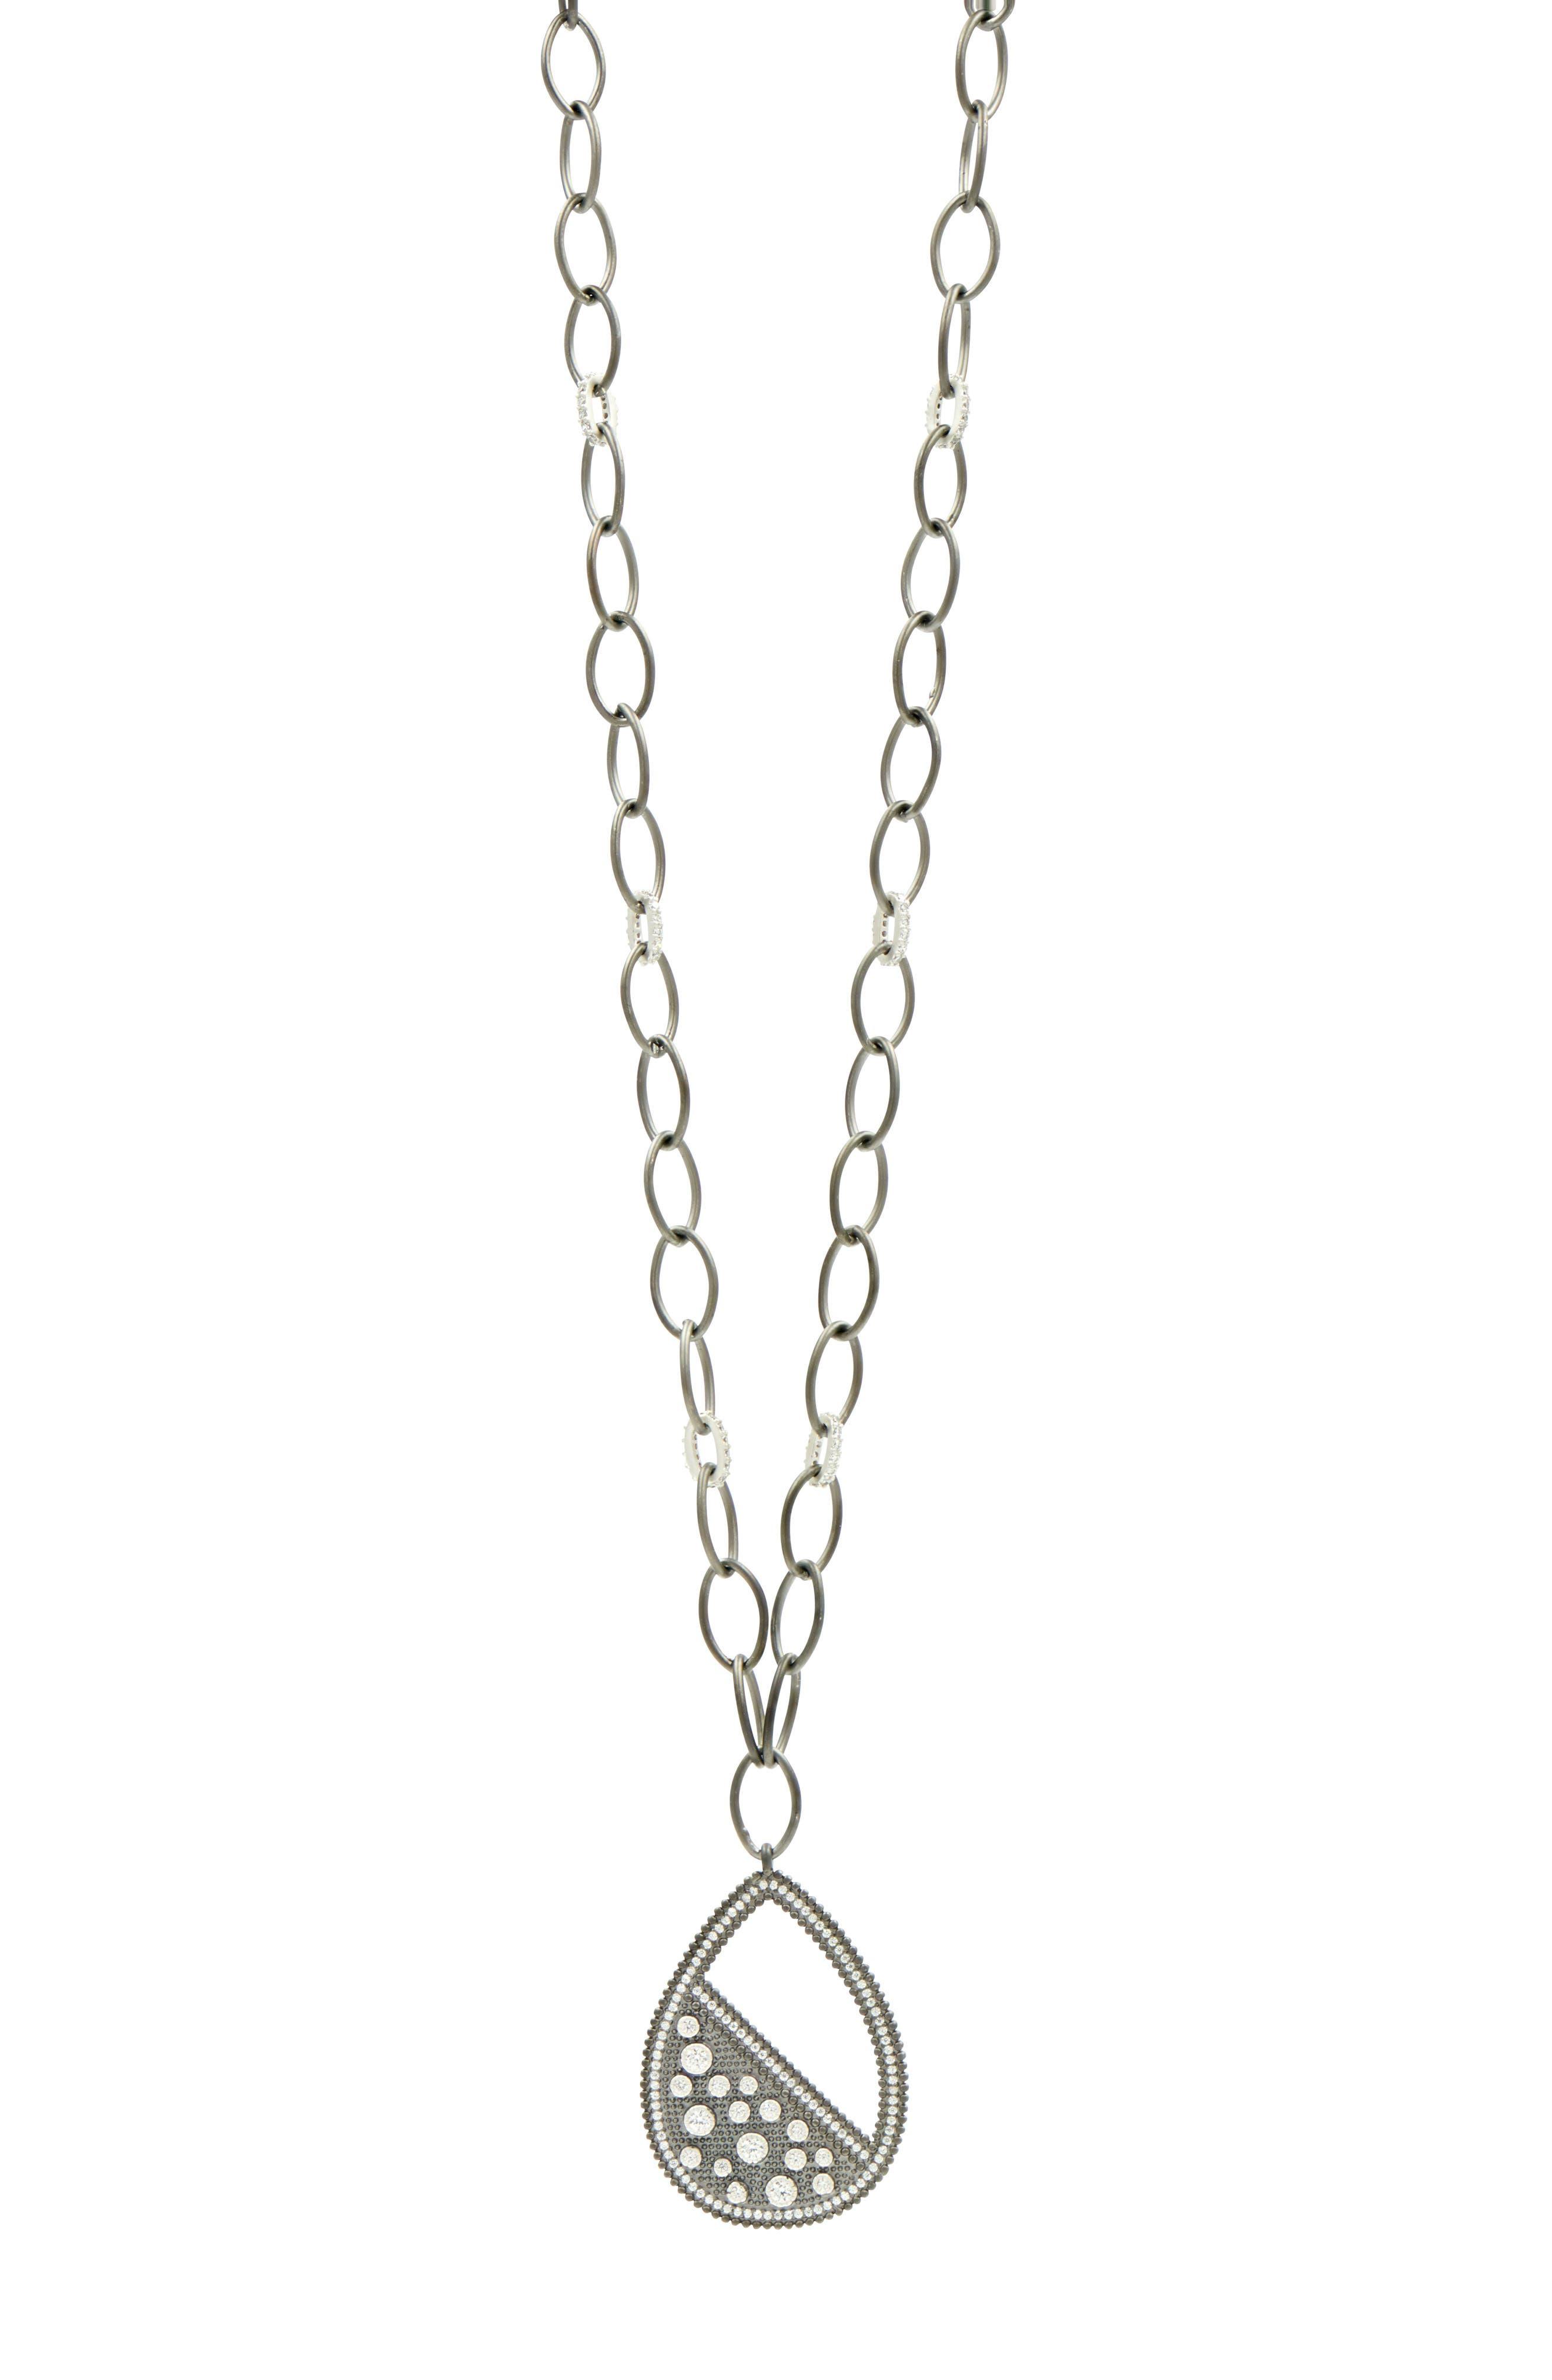 Industrial Finish Teardrop Necklace,                         Main,                         color, Silver/ Black Rhodium